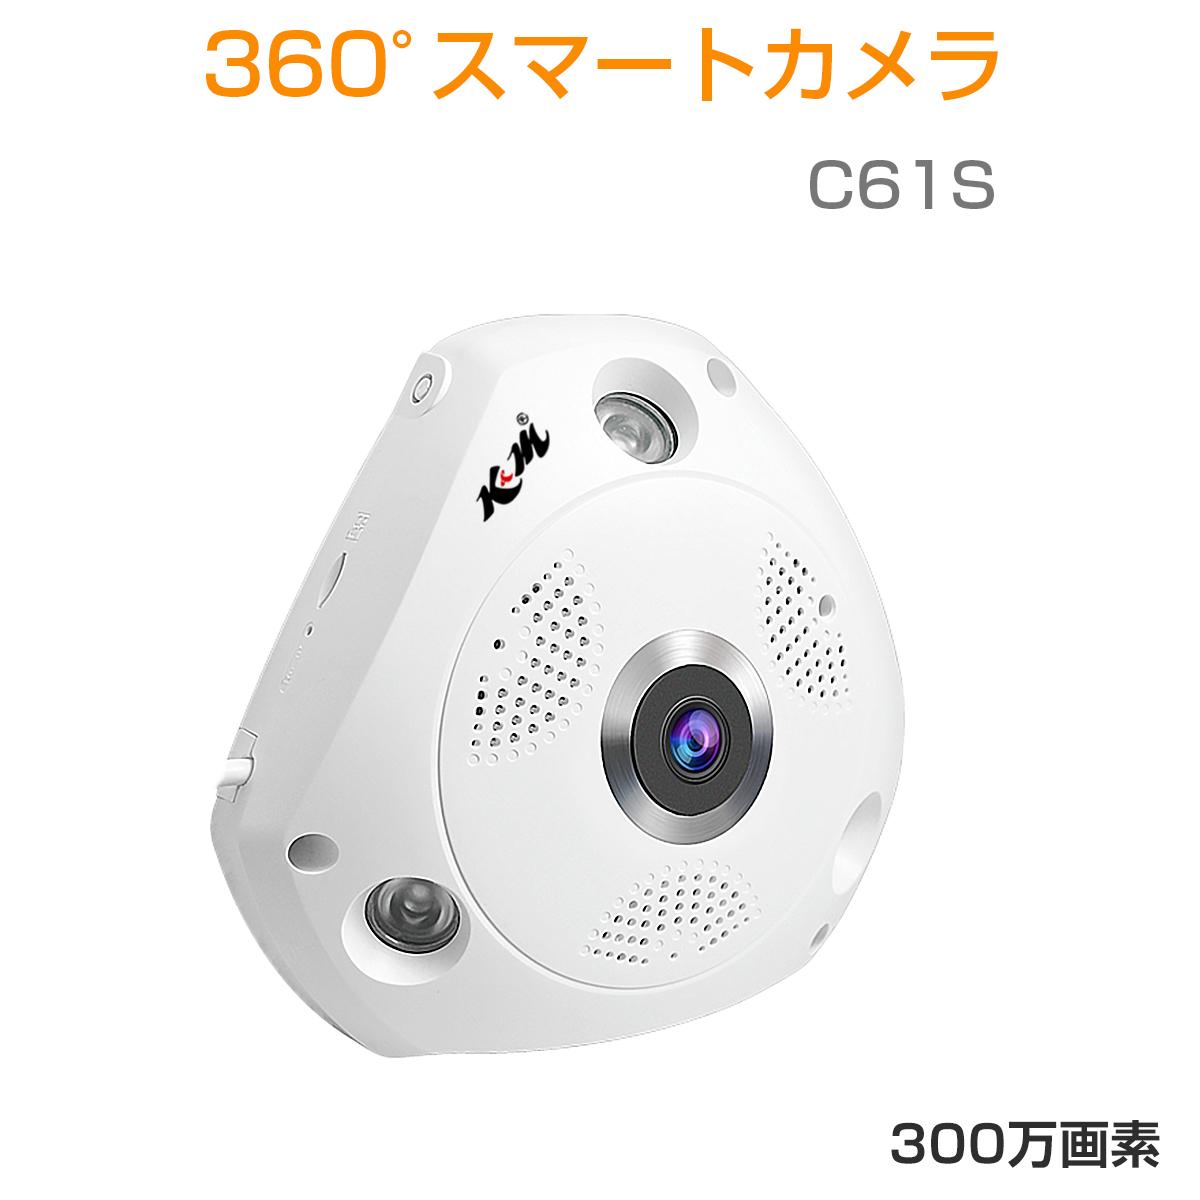 防犯カメラ 300万画素 C61S ネットワークカメラ 魚眼レンズ 360度 全天球 ペット ベビー FHD 1536P WIFI 無線 ワイヤレス MicroSDカード録画 監視 IP WEB カメラ 動体検知 VStarcam 宅配便送料無料 PSE 1年保証 K&M